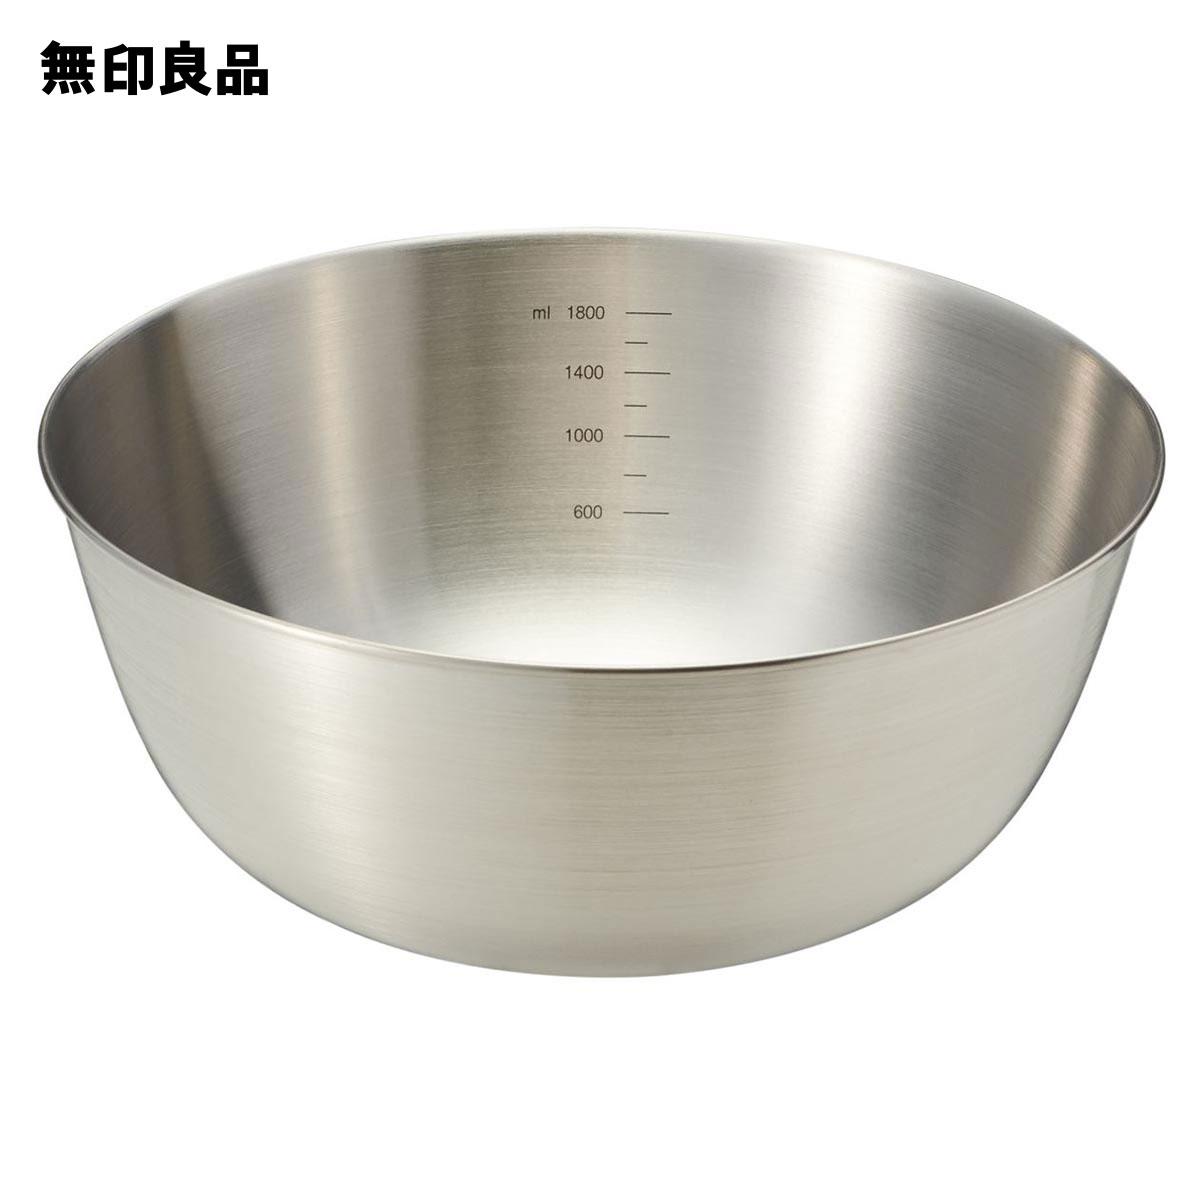 高品質 無印良品 公式 ステンレスボール 約直径22.5×高さ9cm L おトク